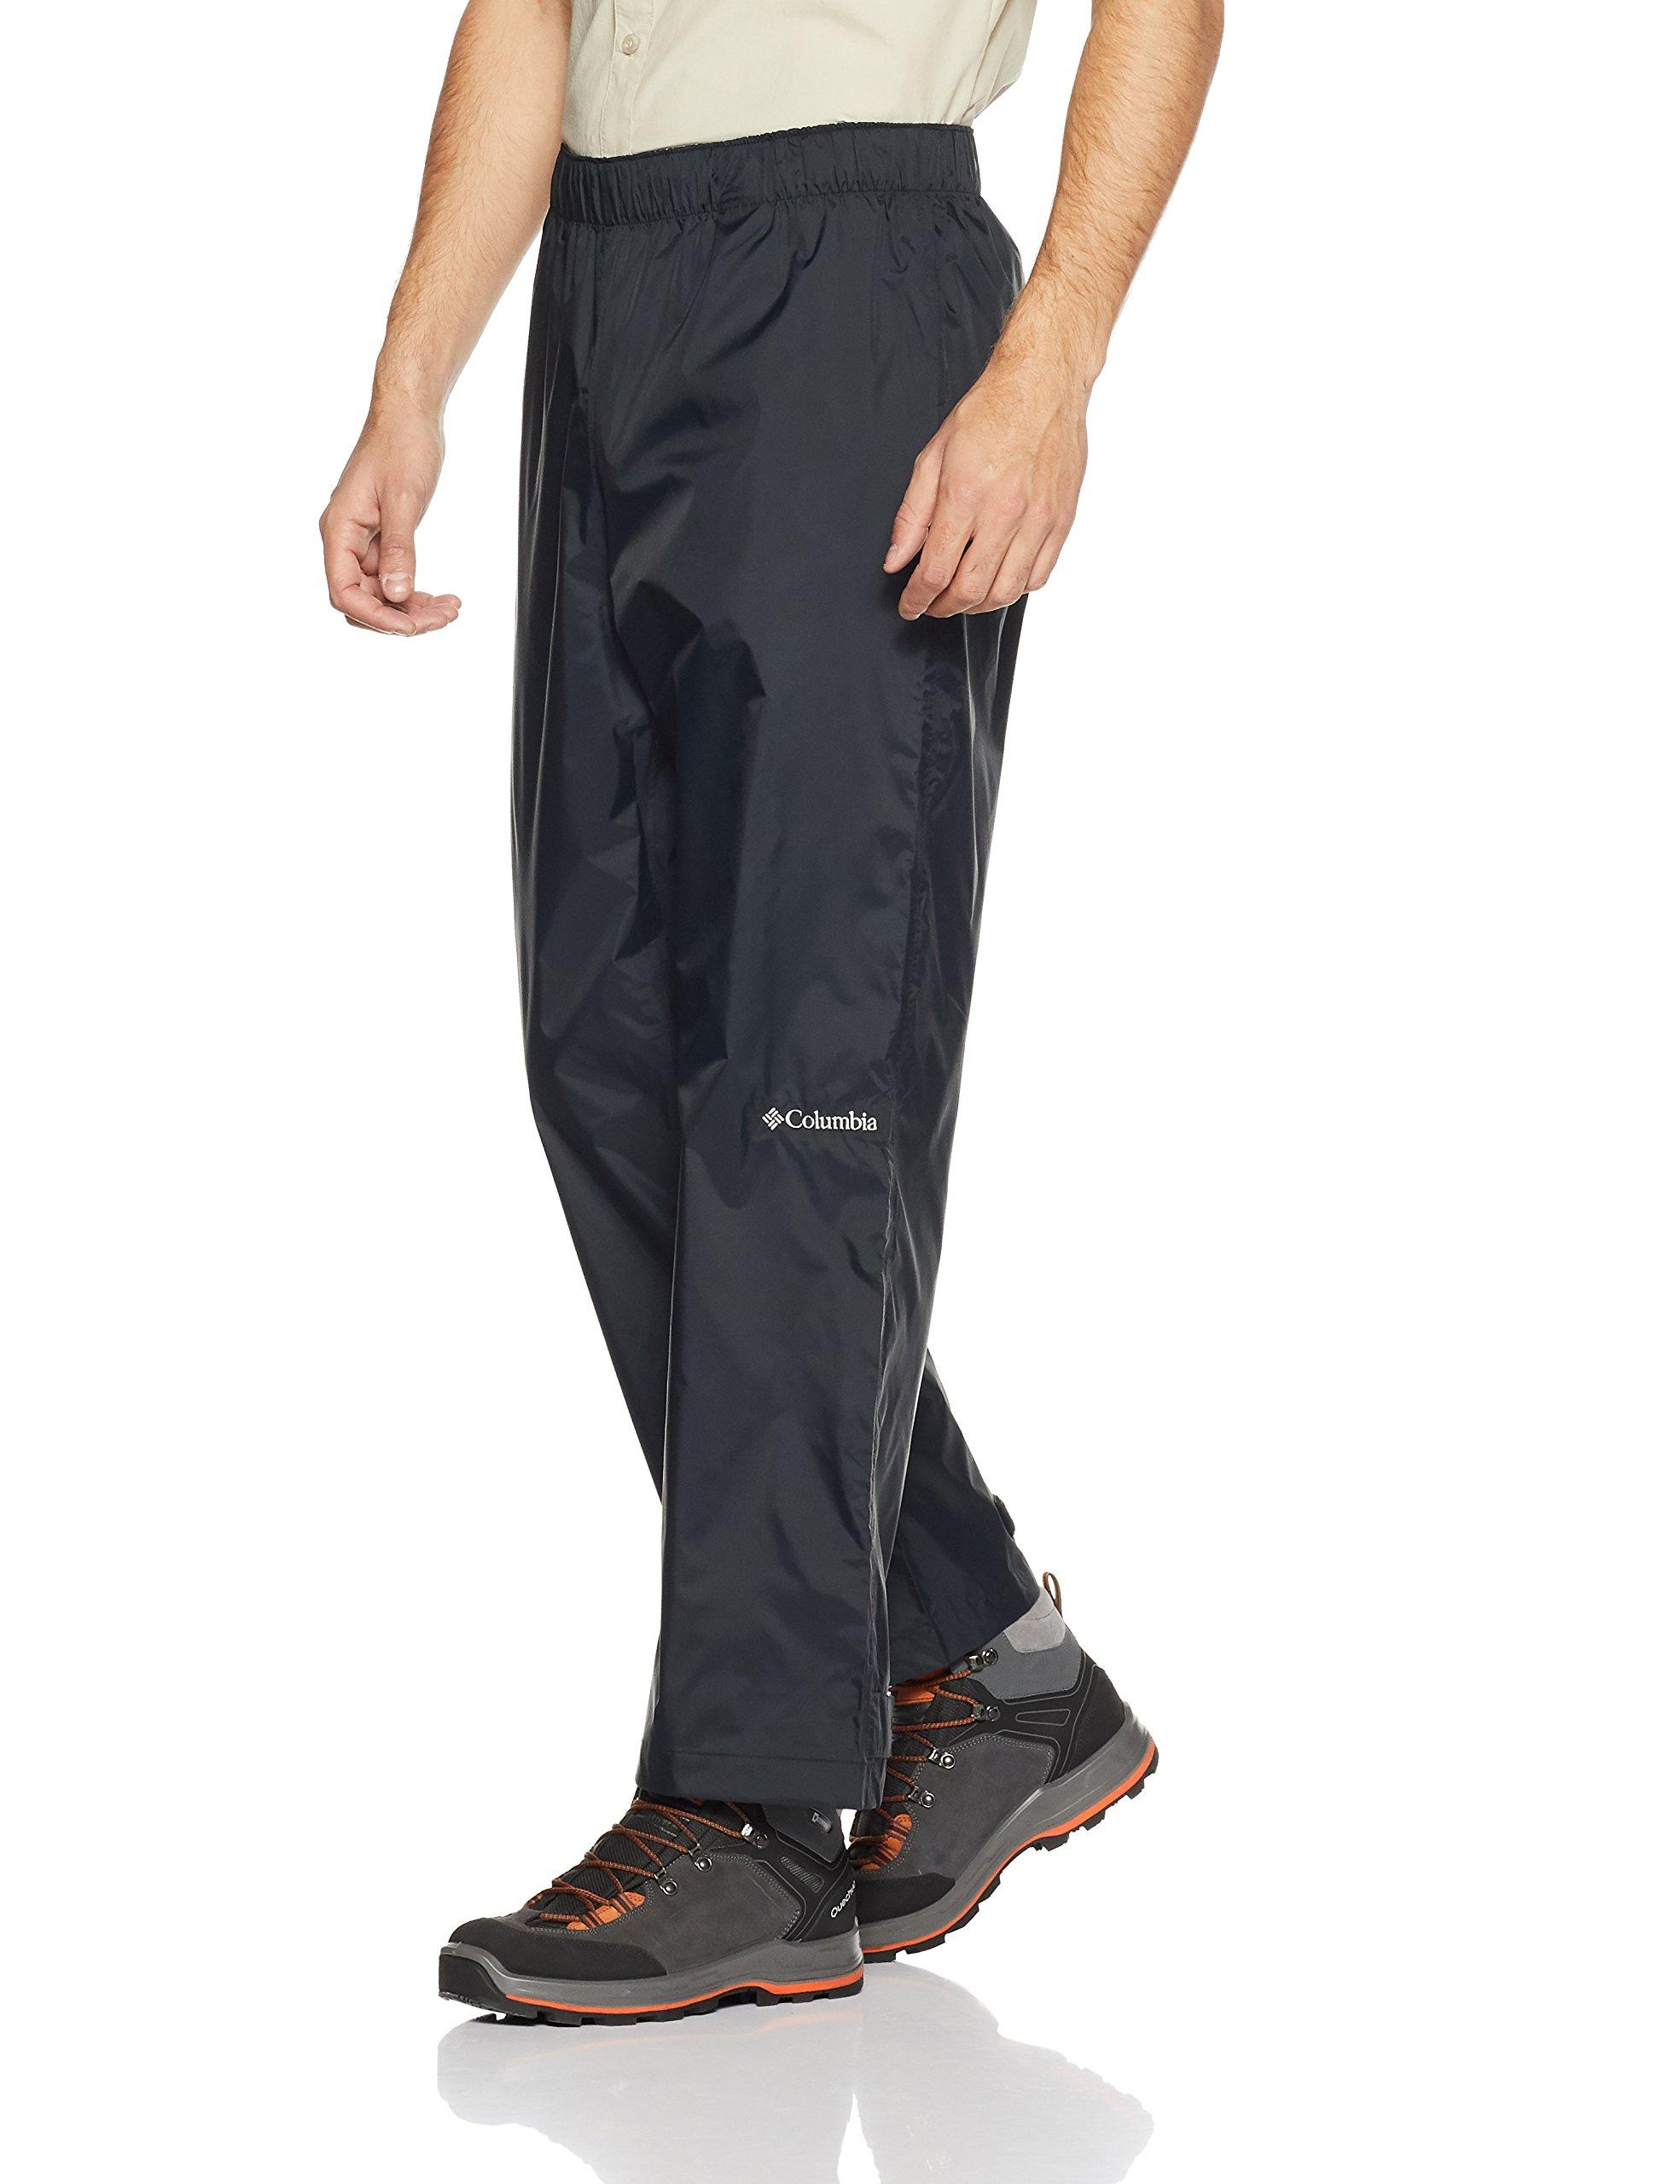 Columbia Men's Rebel Roamer Pant, Black, X-Small/30